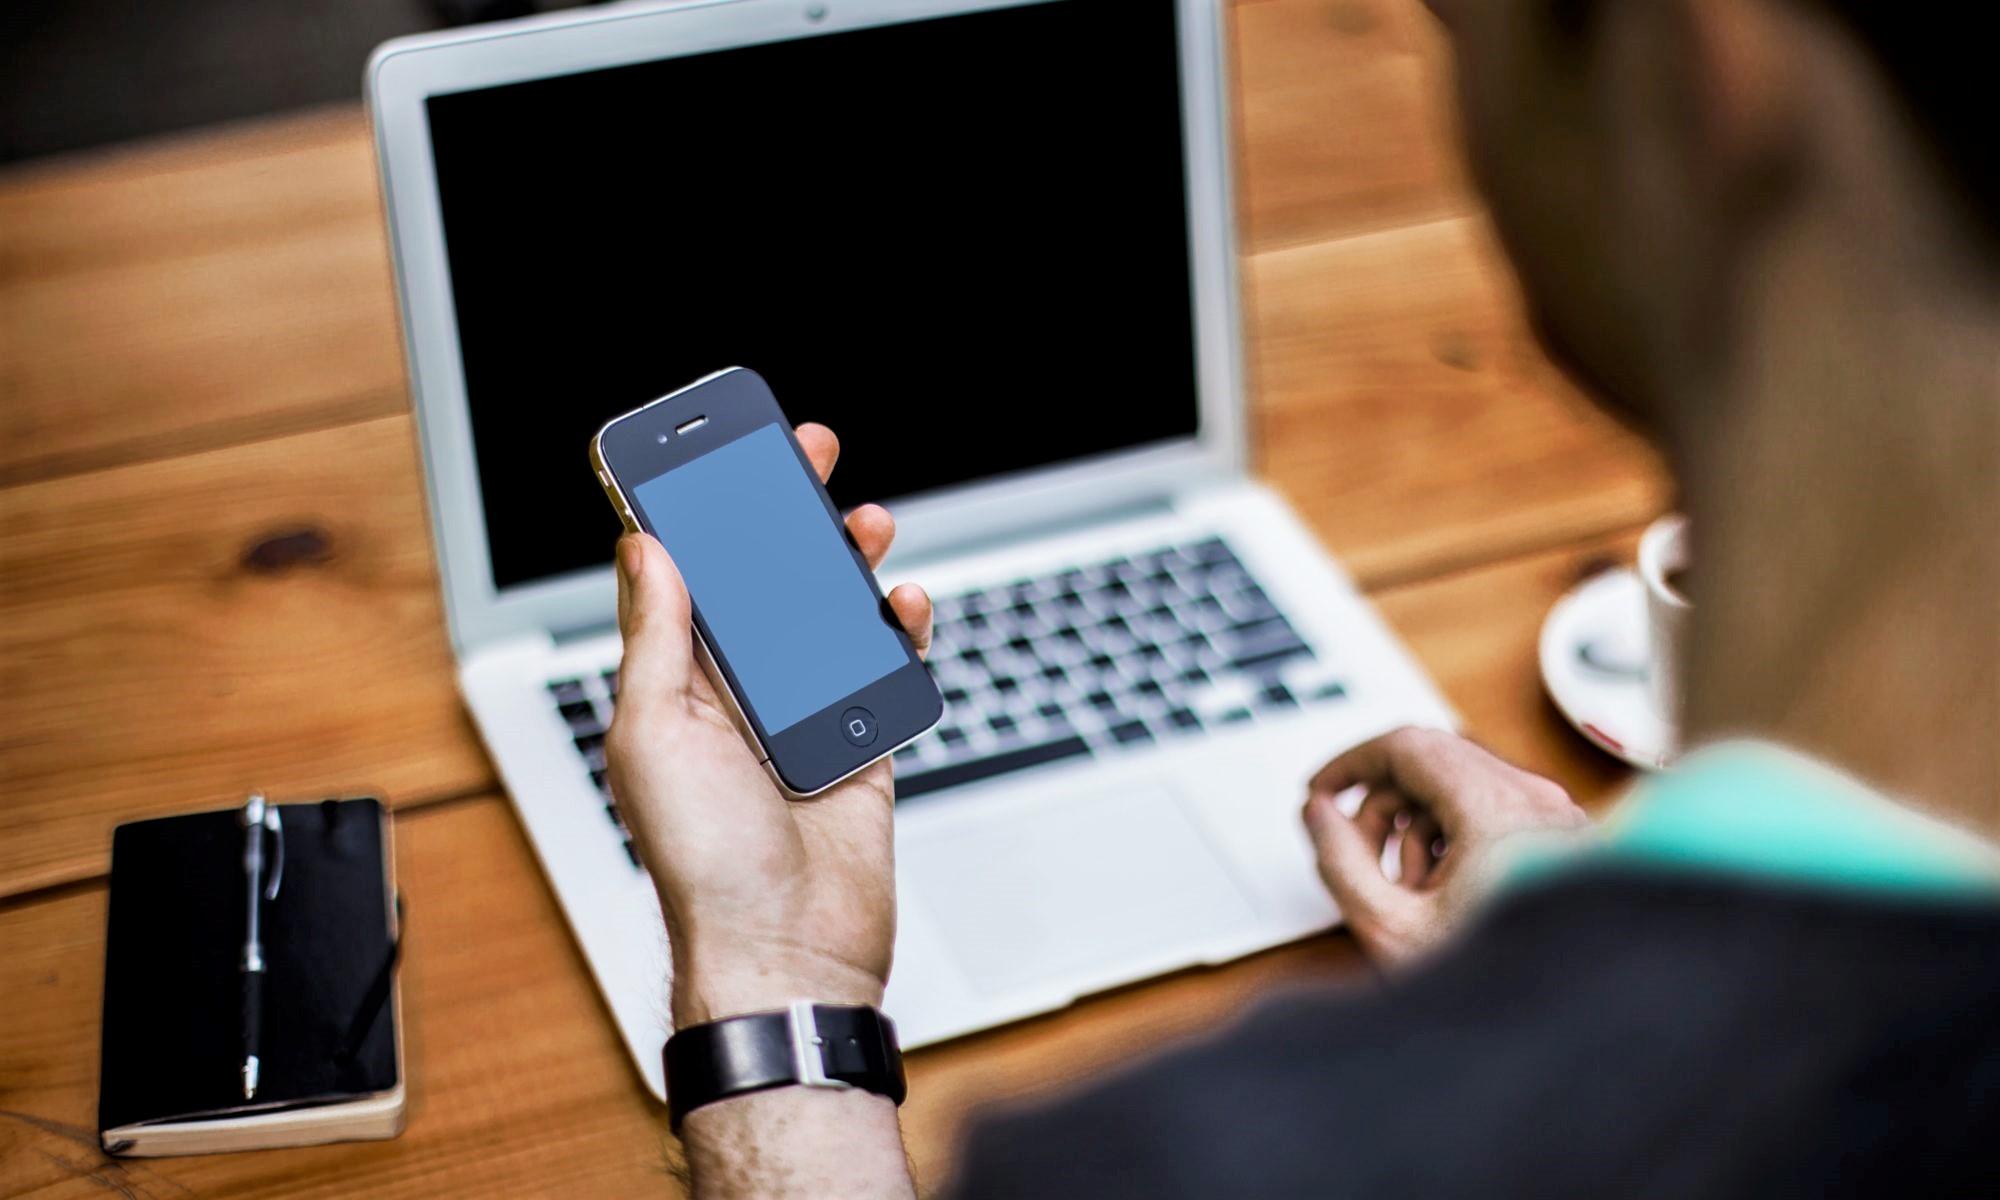 Il 65% degli utenti perde i dati, 5 consigli degli esperti